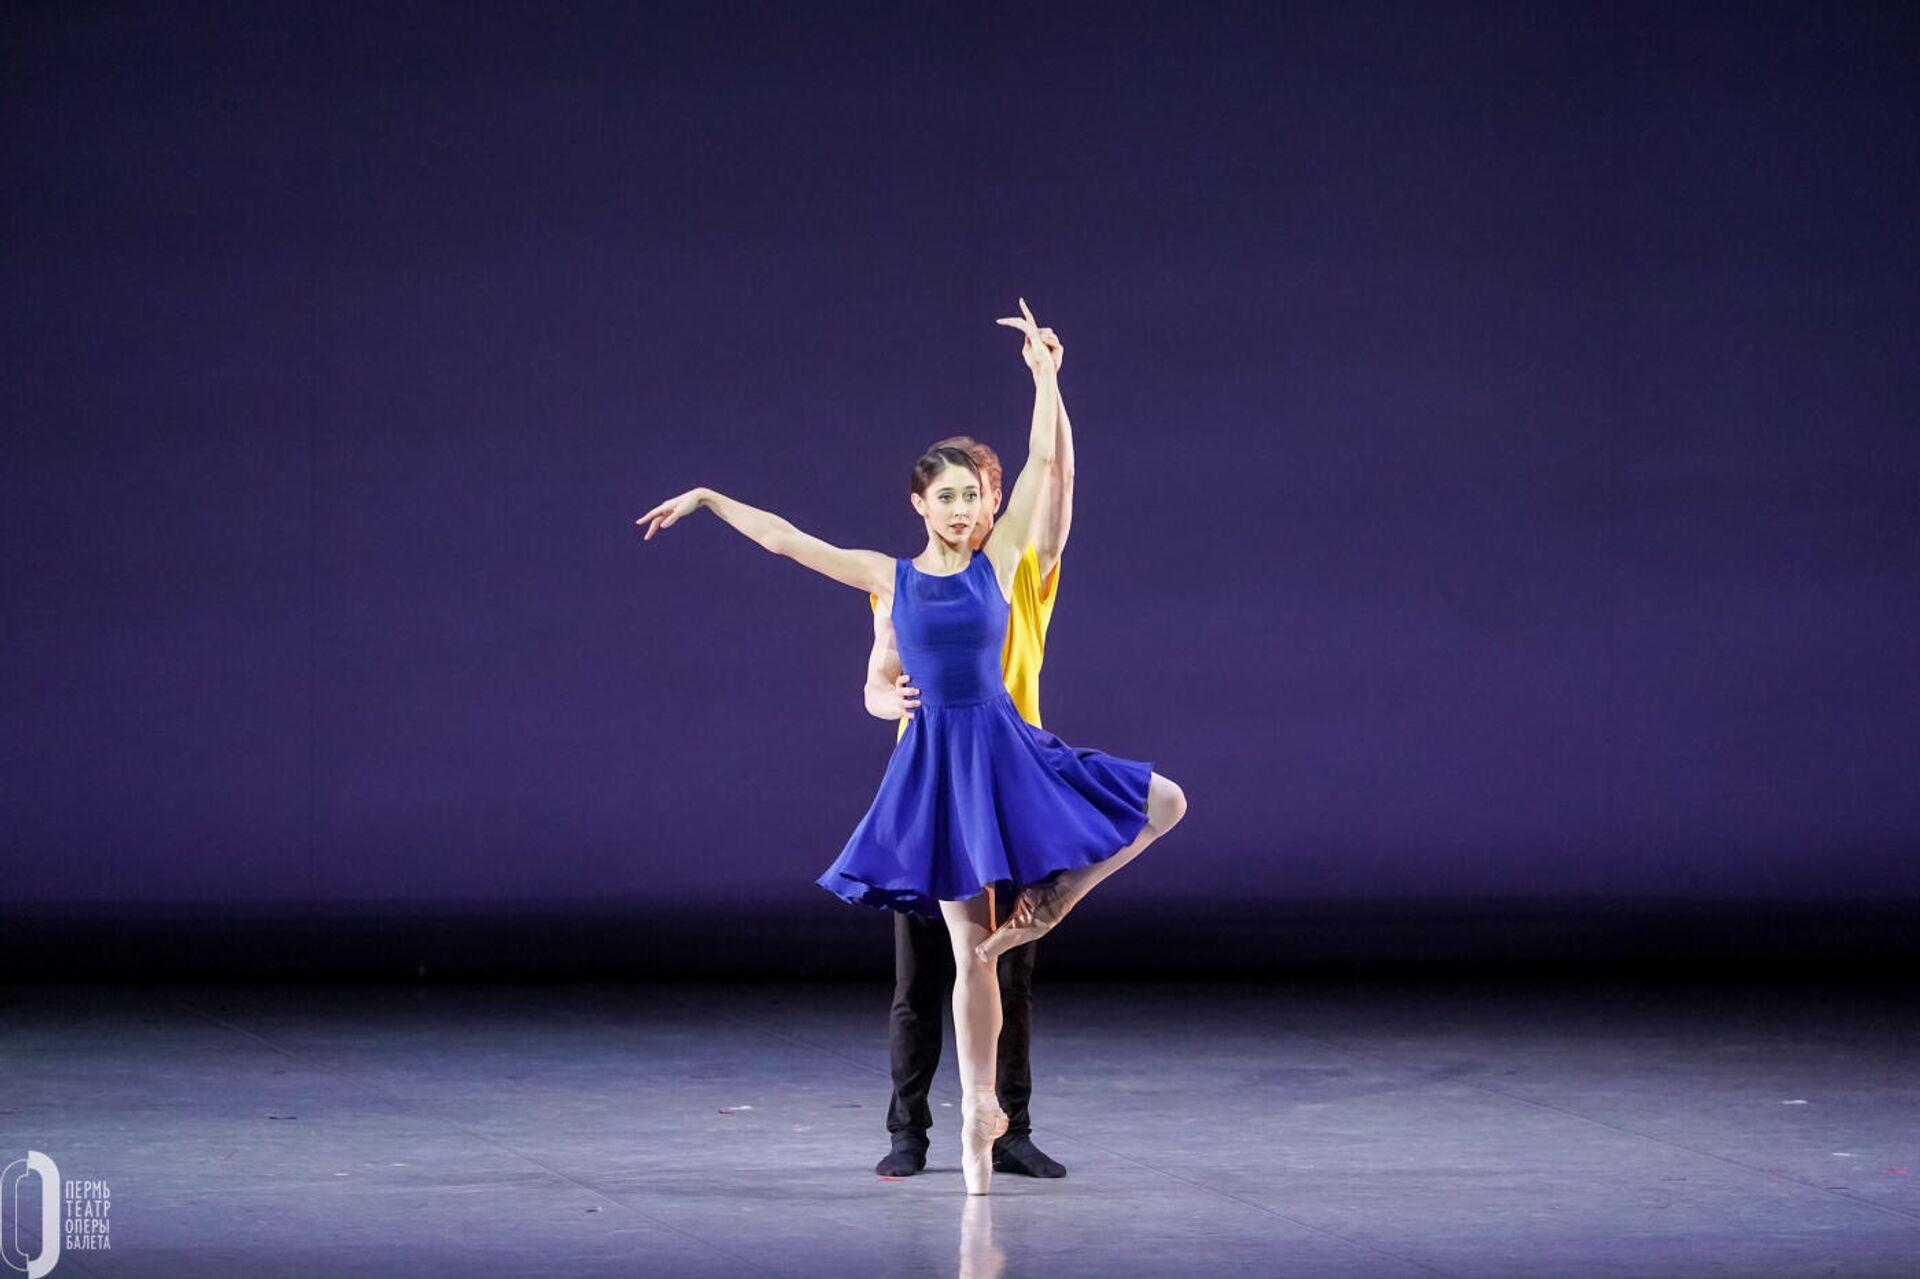 Сцена из балета Озорные песни, Вариации на тему рококо, Шут  - РИА Новости, 1920, 26.02.2021